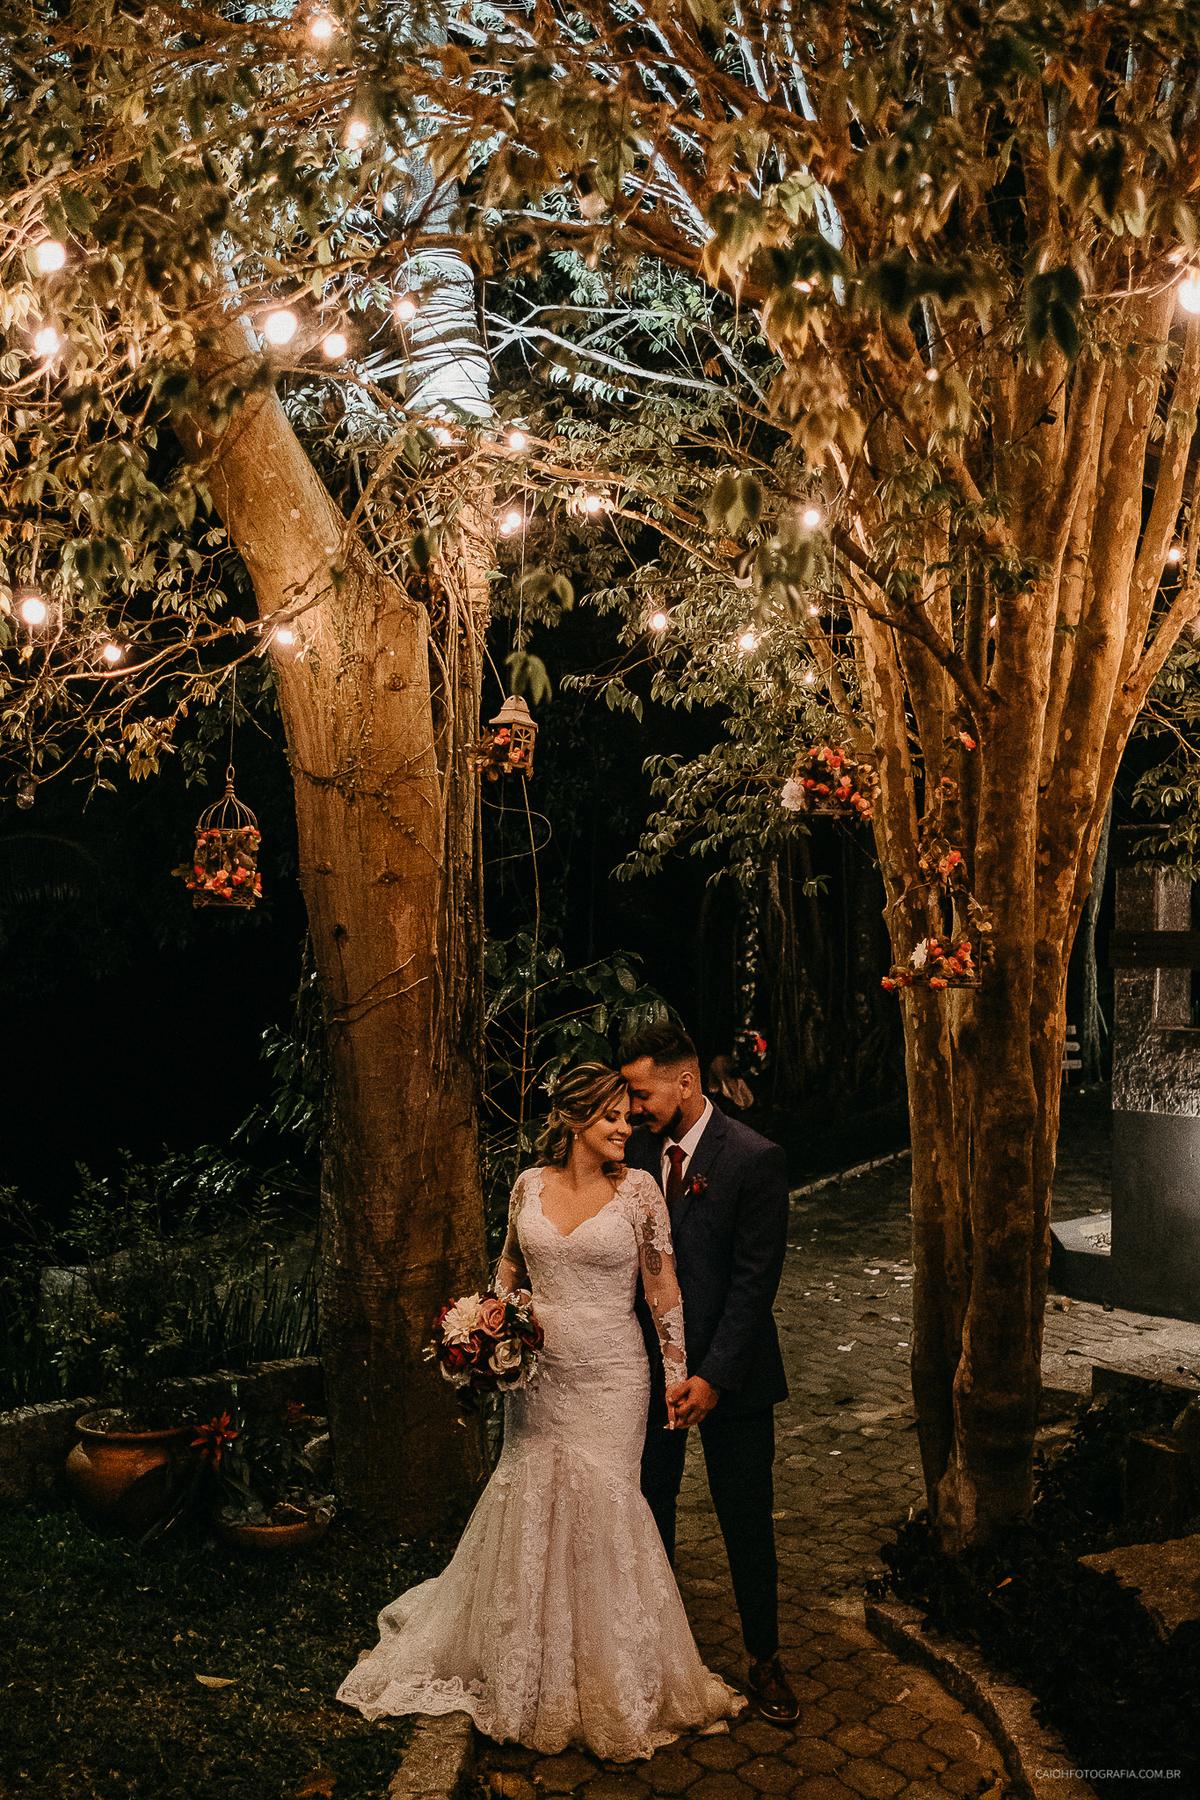 vestido de noiva retrato de noiva buque de casamento ideias de fotos inspiracao para noivas casar de noite  ensaio de casal arco de flores em casamento